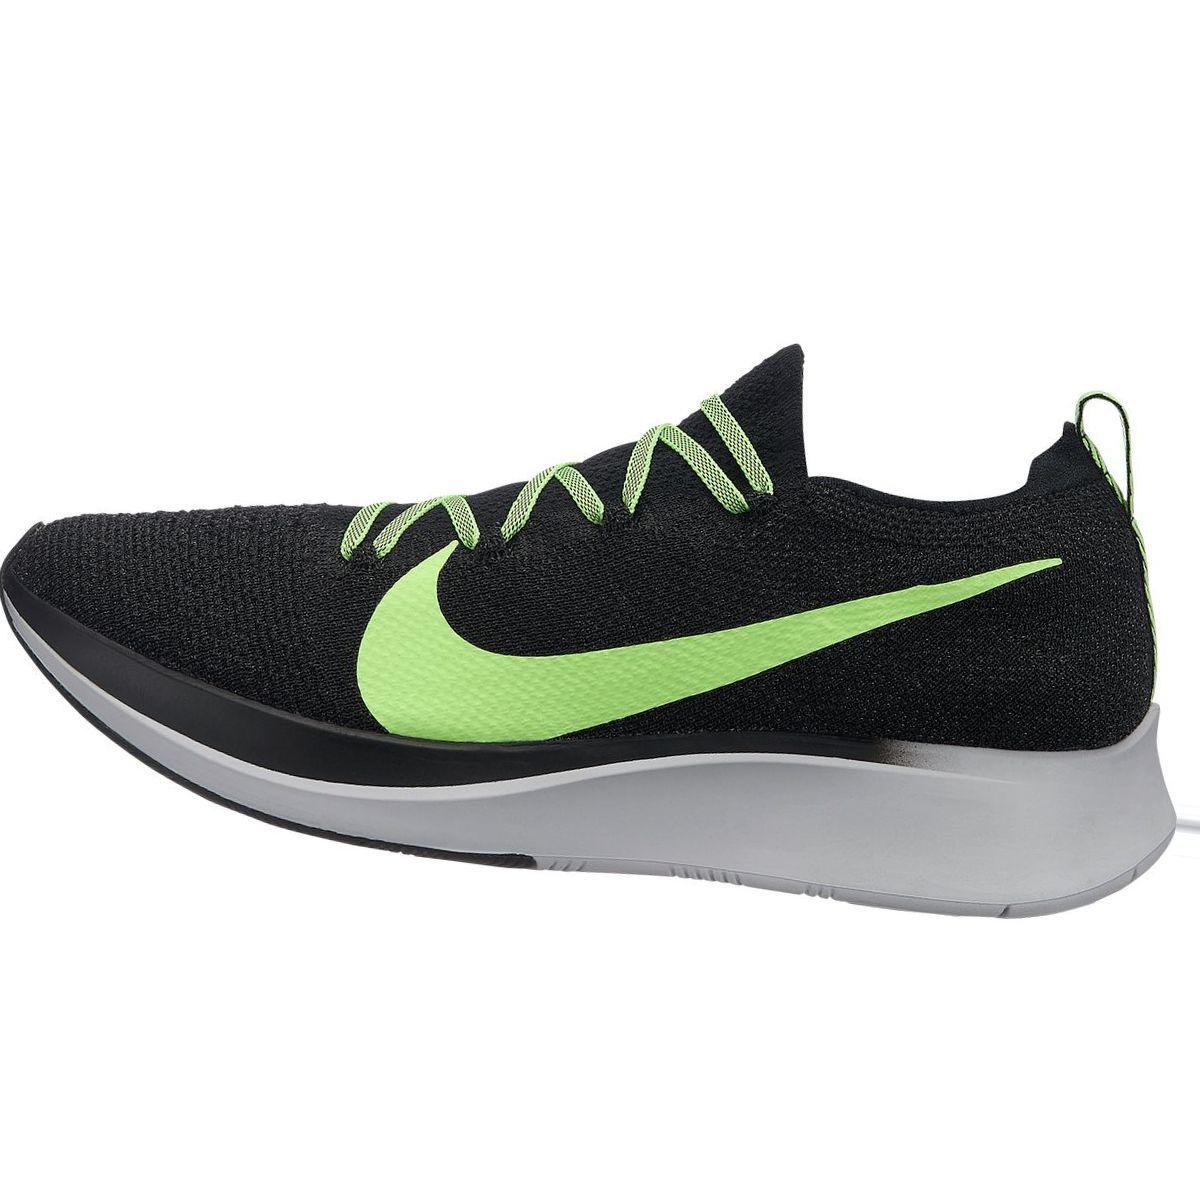 Nike Zoom Fly Flyknit Running Shoe - Men's